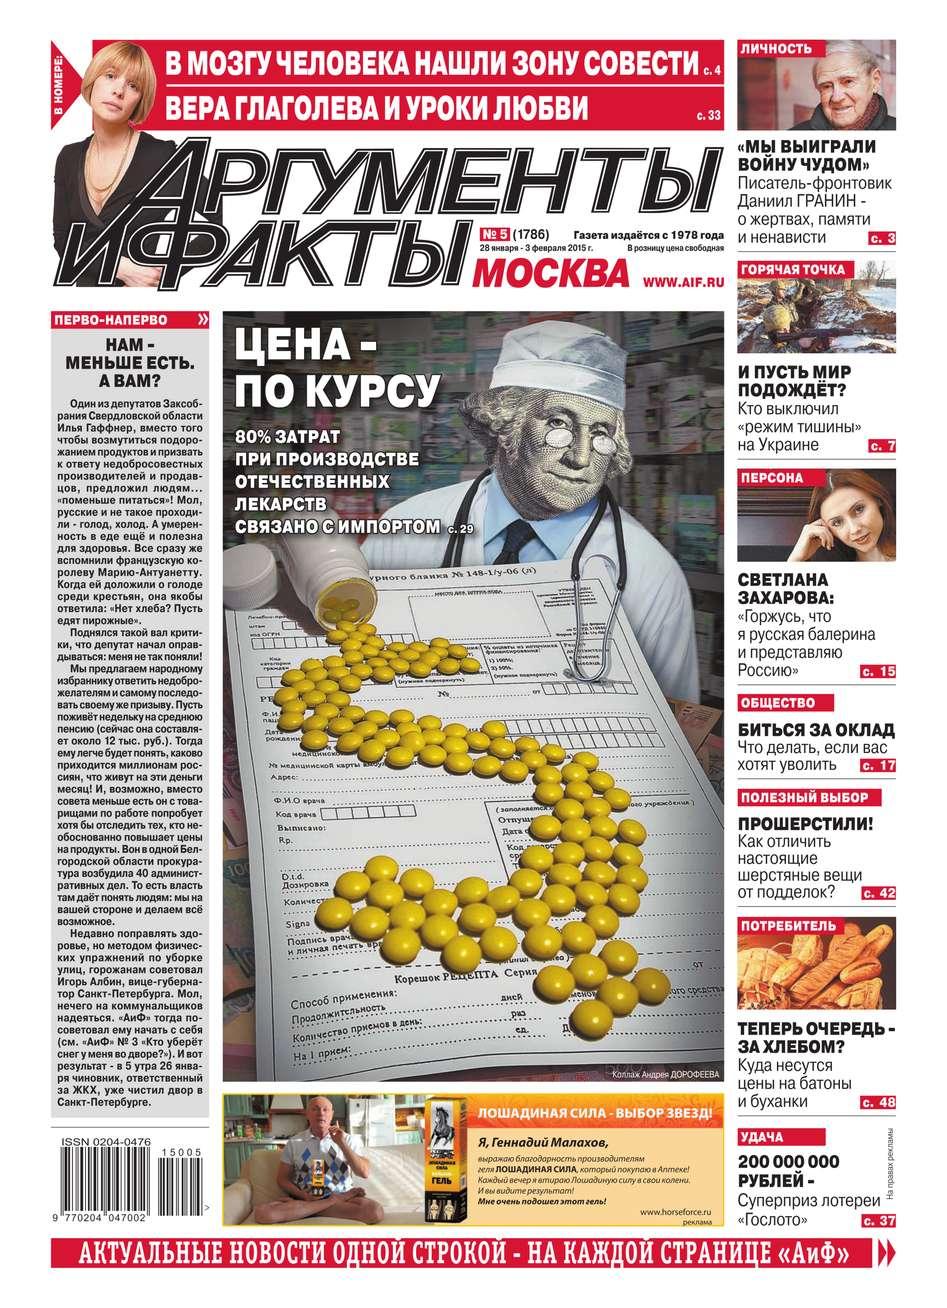 Редакция журнала Аиф. Про Кухню Аргументы и факты 05-2015